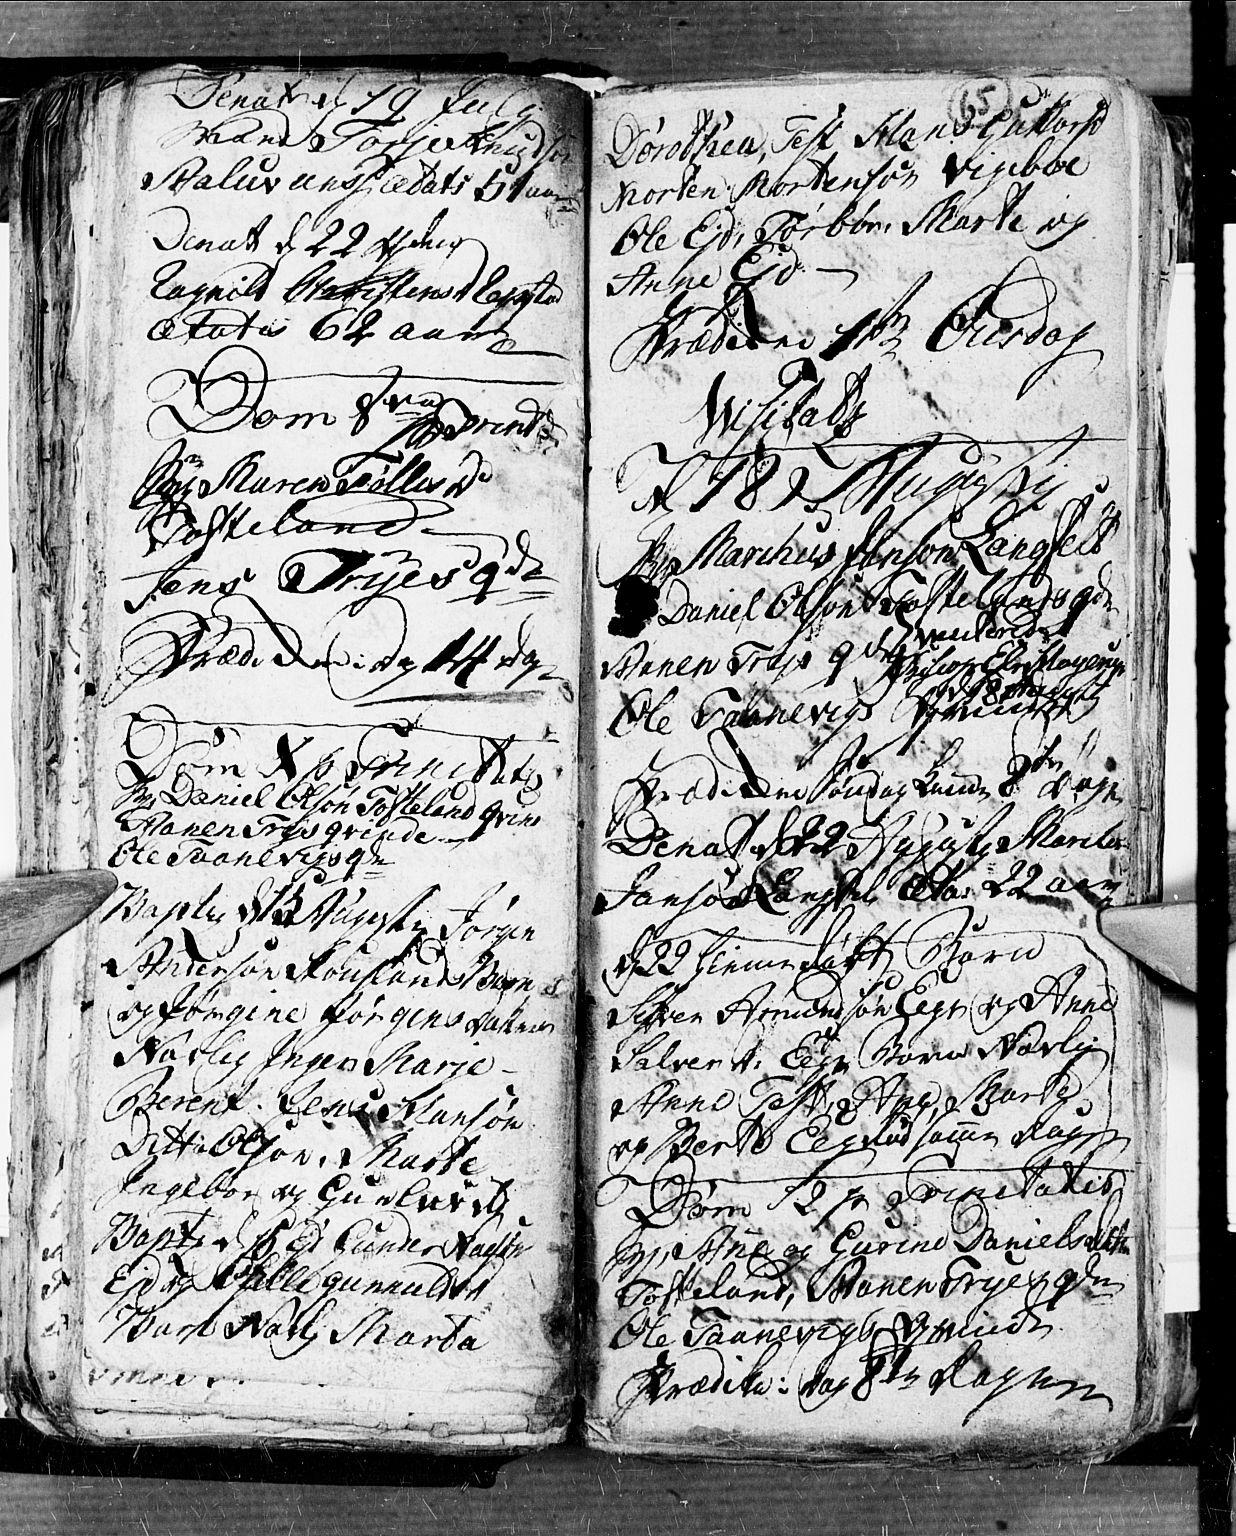 SAK, Søgne sokneprestkontor, F/Fb/Fbb/L0001: Parish register (copy) no. B 1, 1779-1802, p. 65